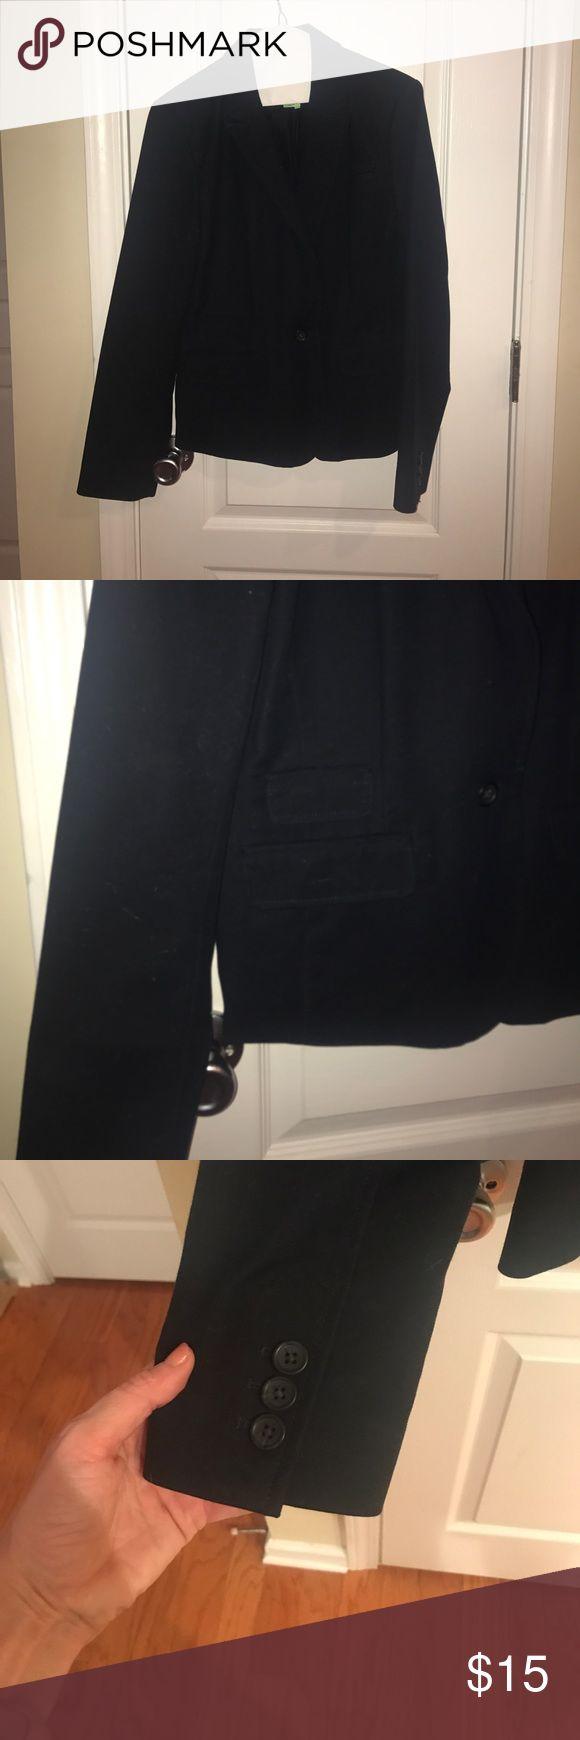 Banana Republic women's navy blazer Banana Republic women's blazer - in great condition - looks great with khaki or navy pants/skirts Banana Republic Jackets & Coats Blazers